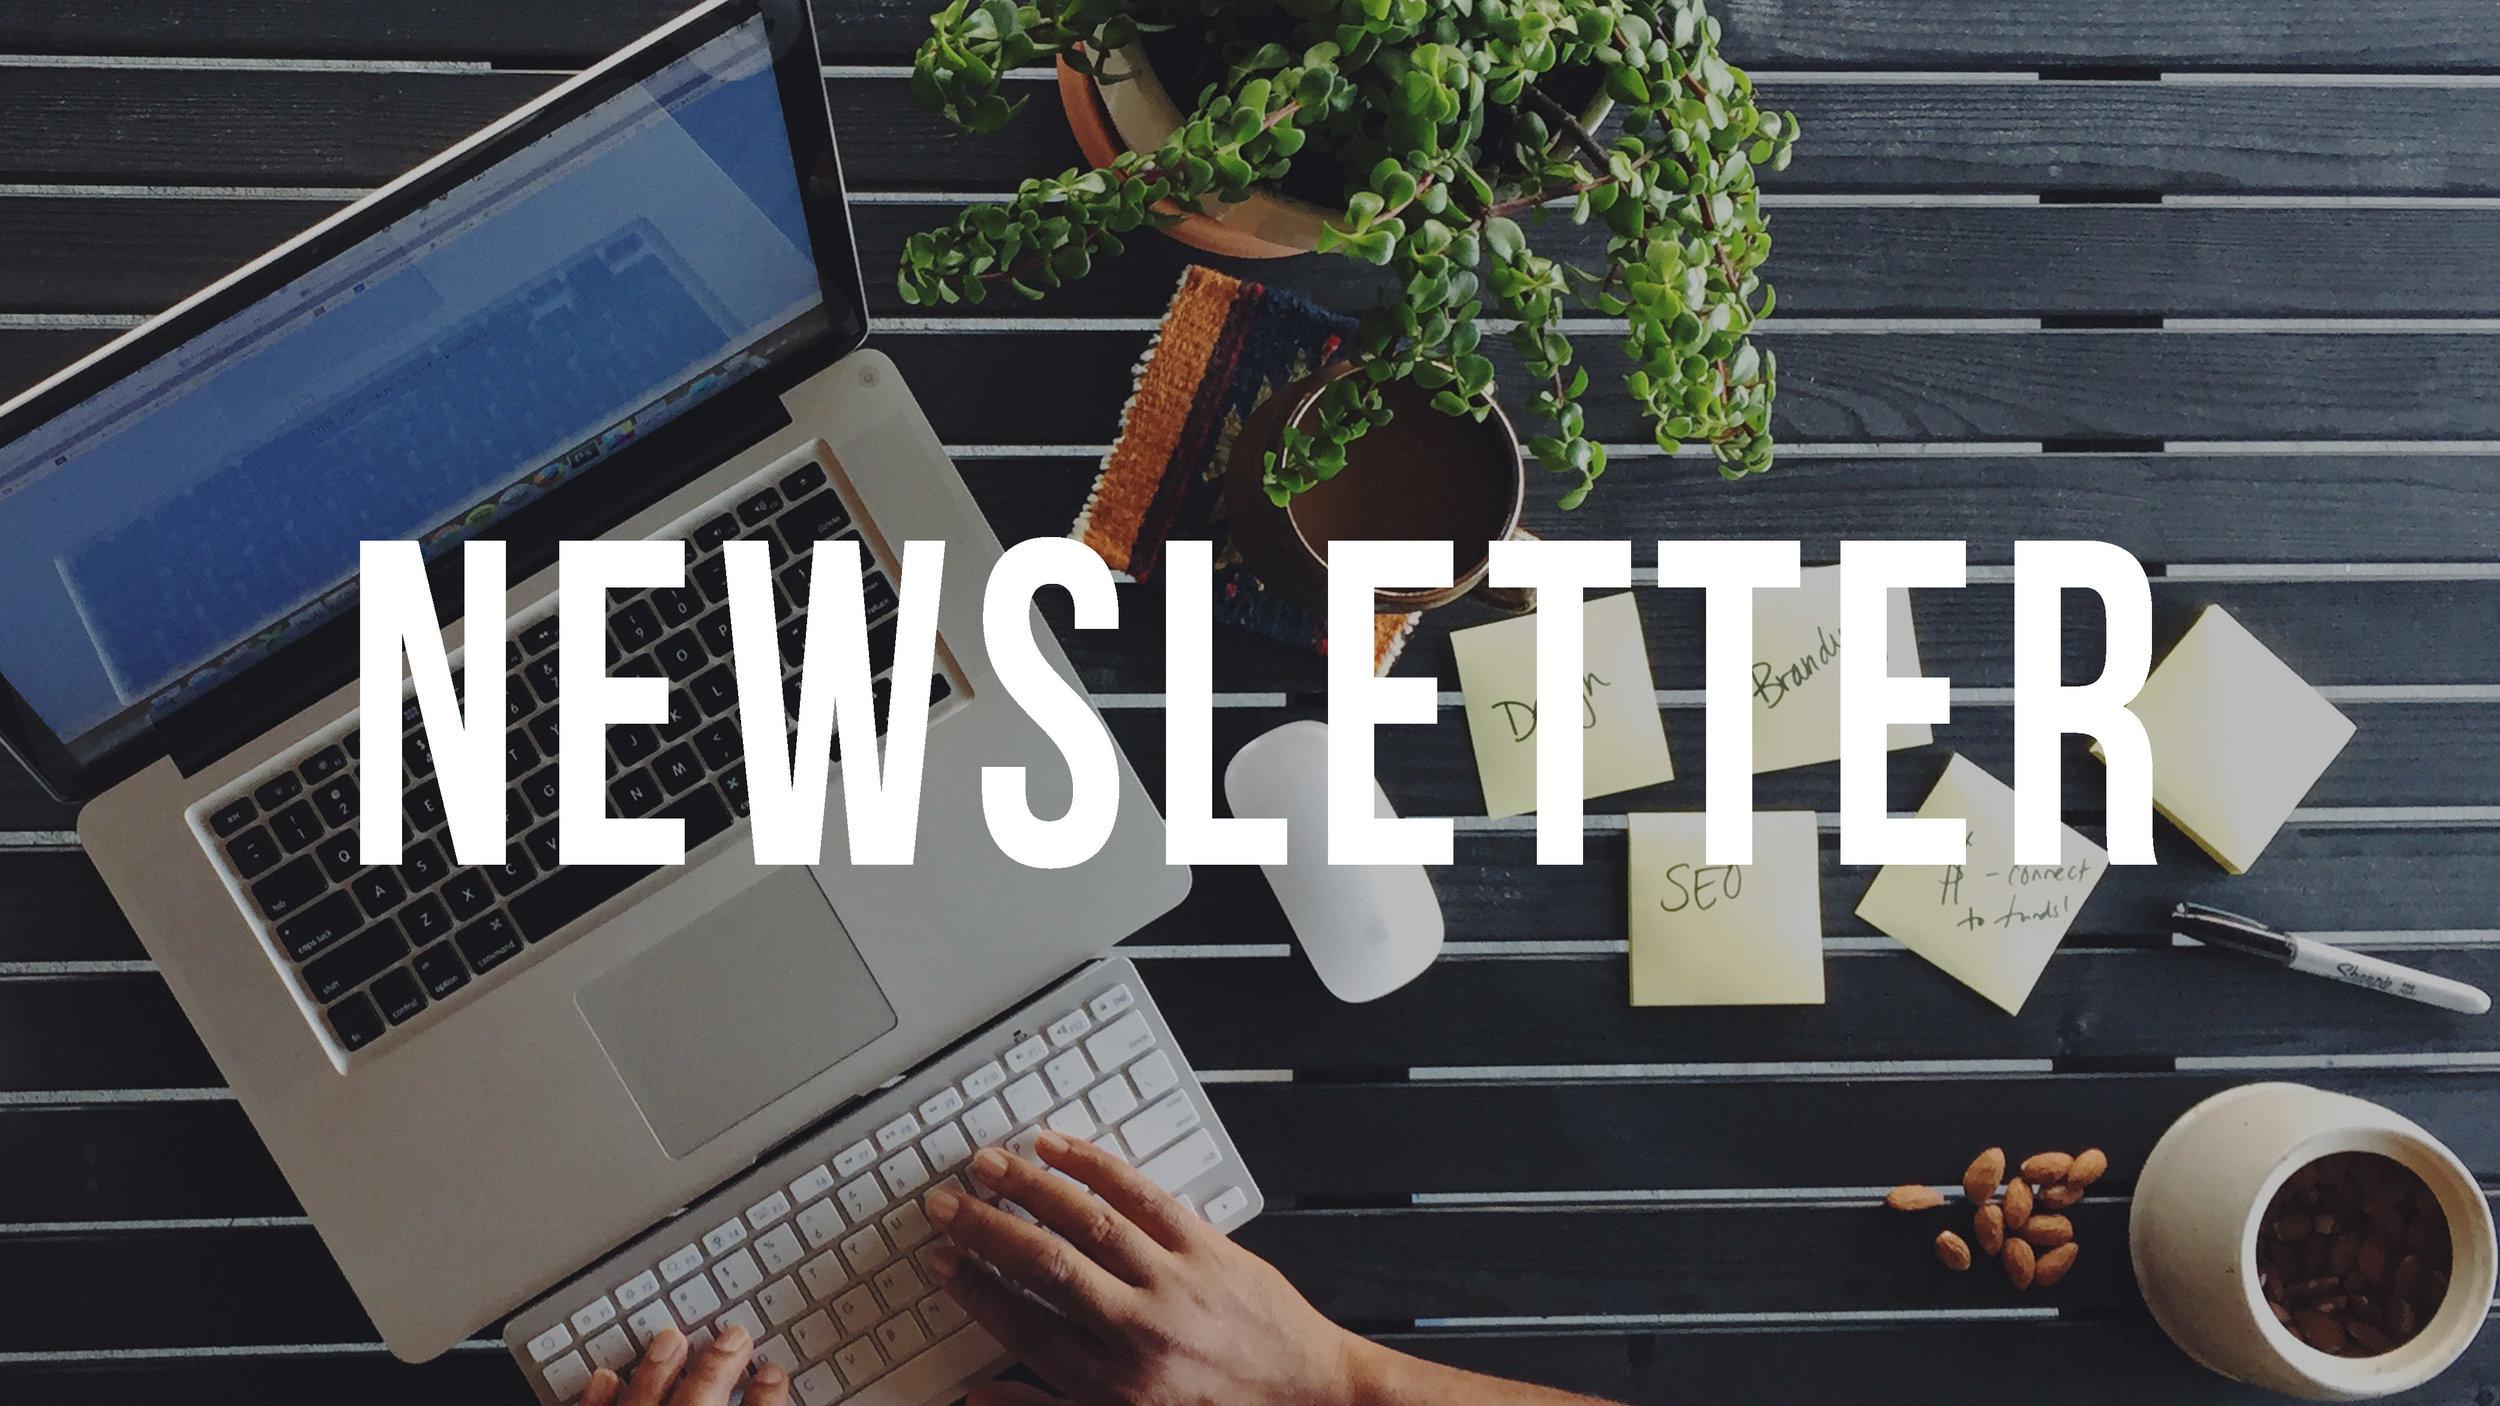 About_header_newsletter.jpg